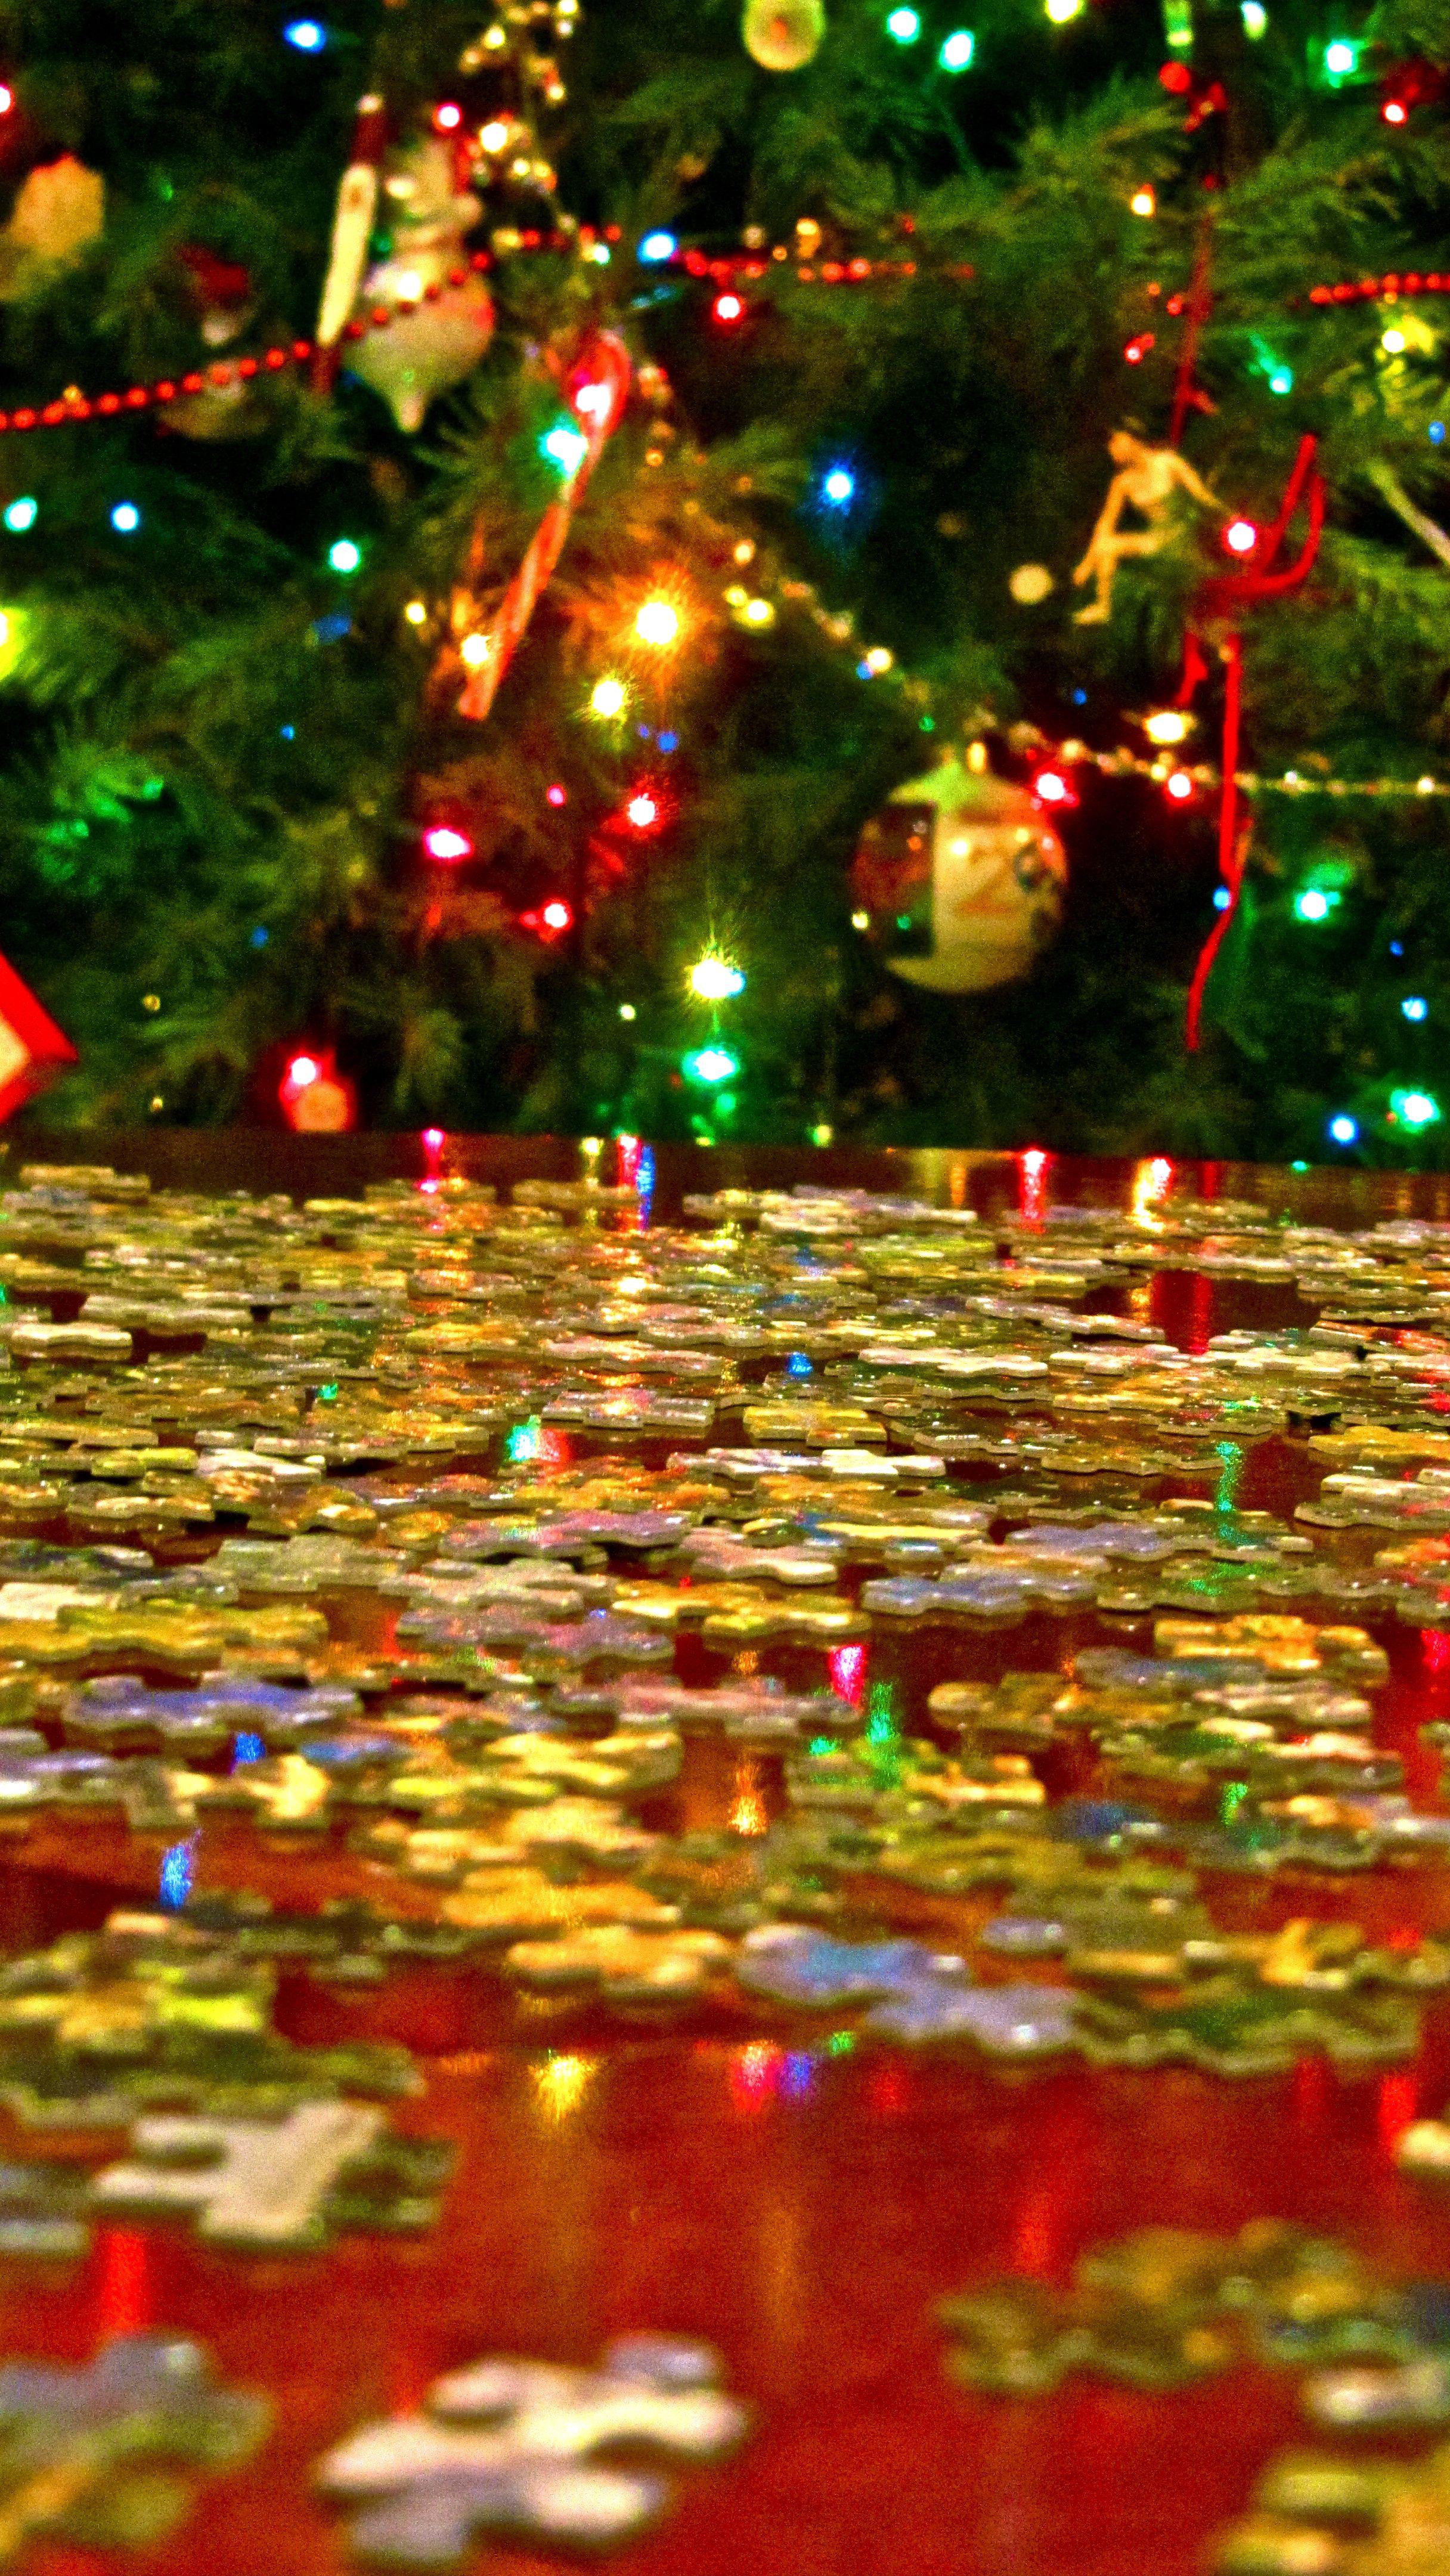 Puzzle | Christmas tree skirt, Christmas, Holiday decor